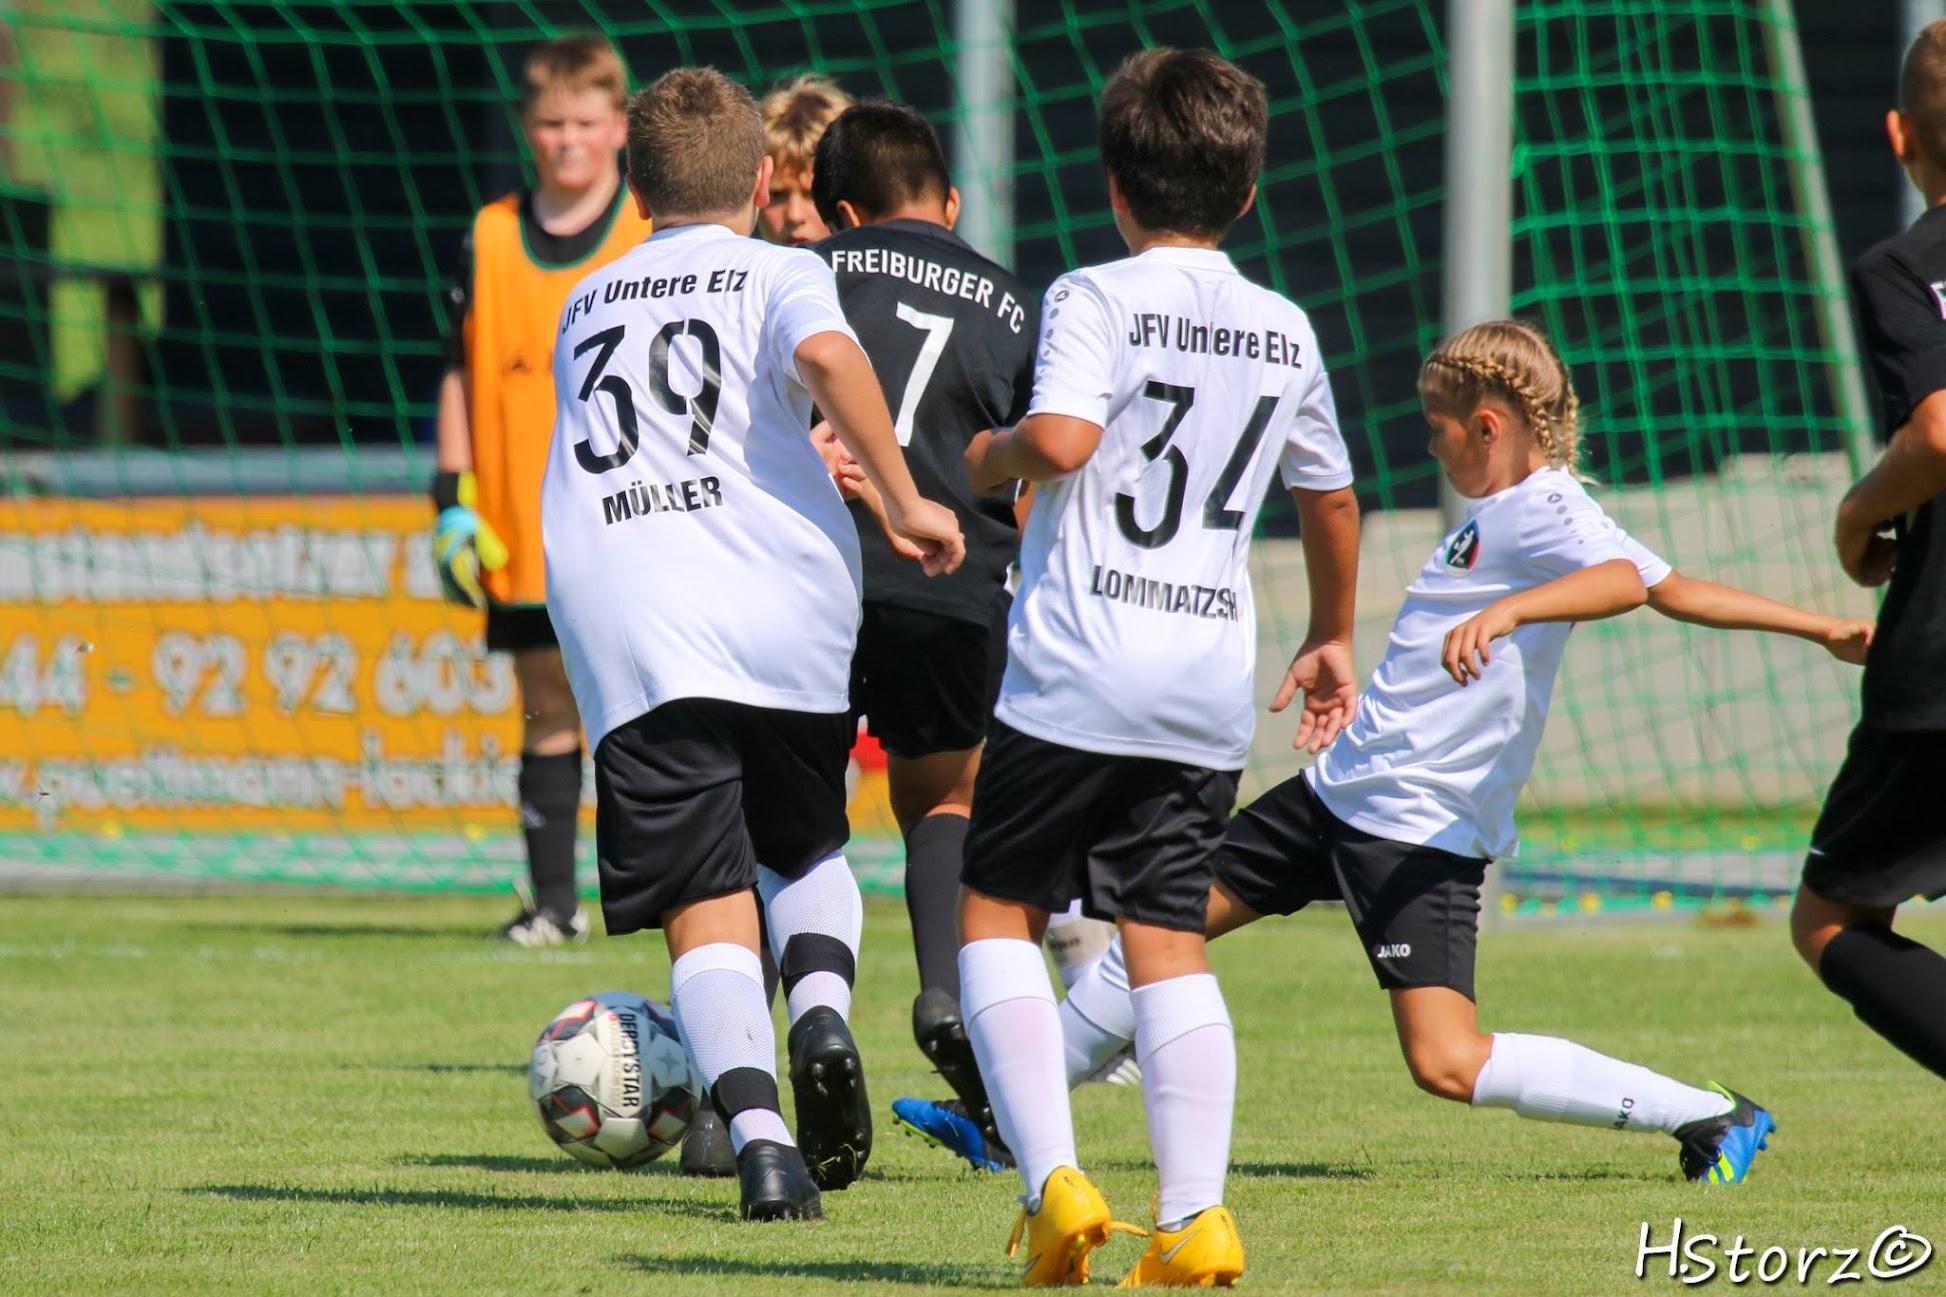 D1-JFV Untere Elz – Freiburger FC 2   1:4 (0:1)